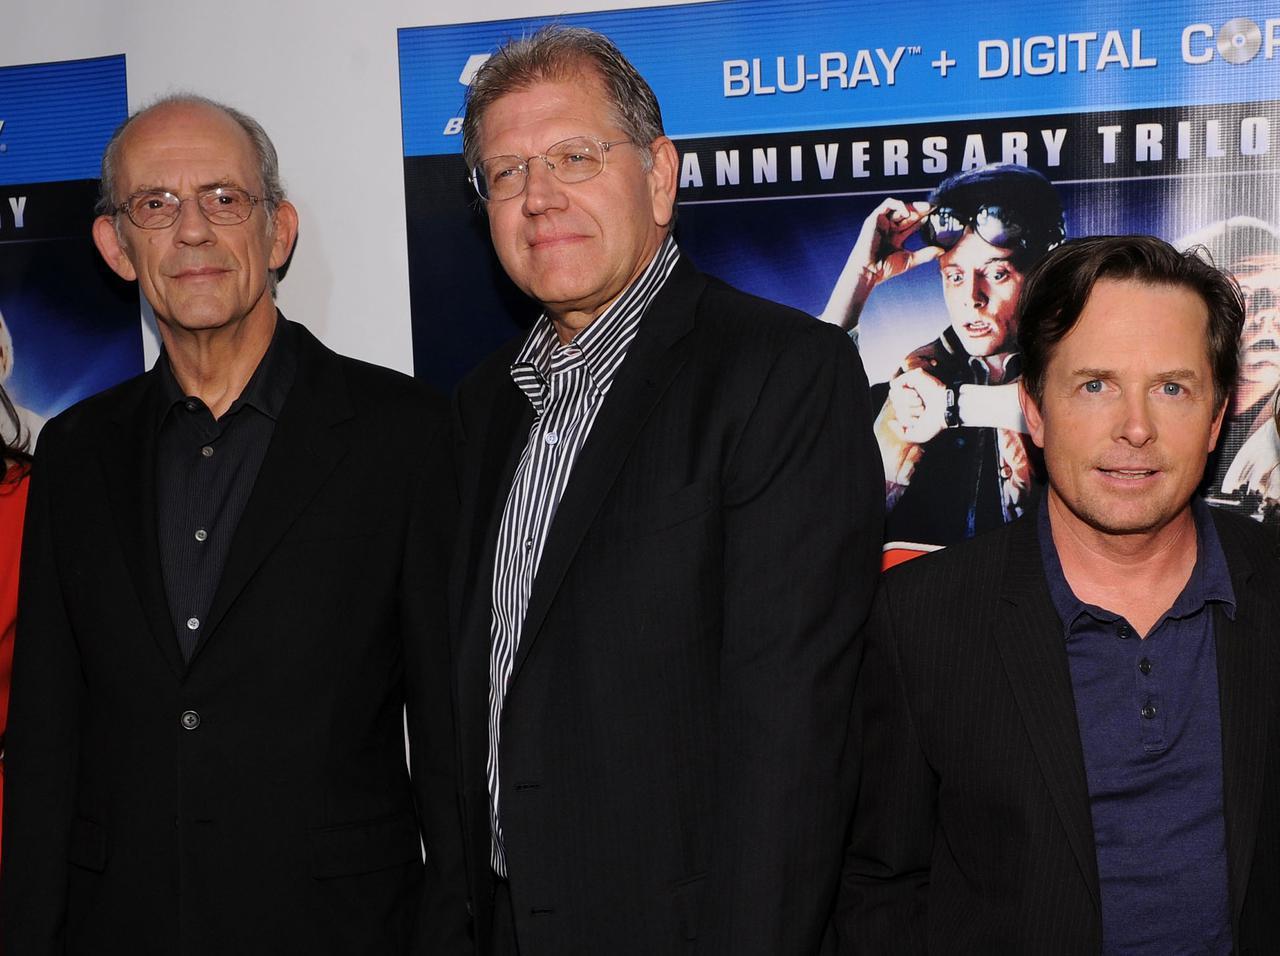 画像: (左から)2010年に撮影されたドク役のクリストファー・ロイド、ロバート・ゼメキス監督、マイケル・J・フォックス。